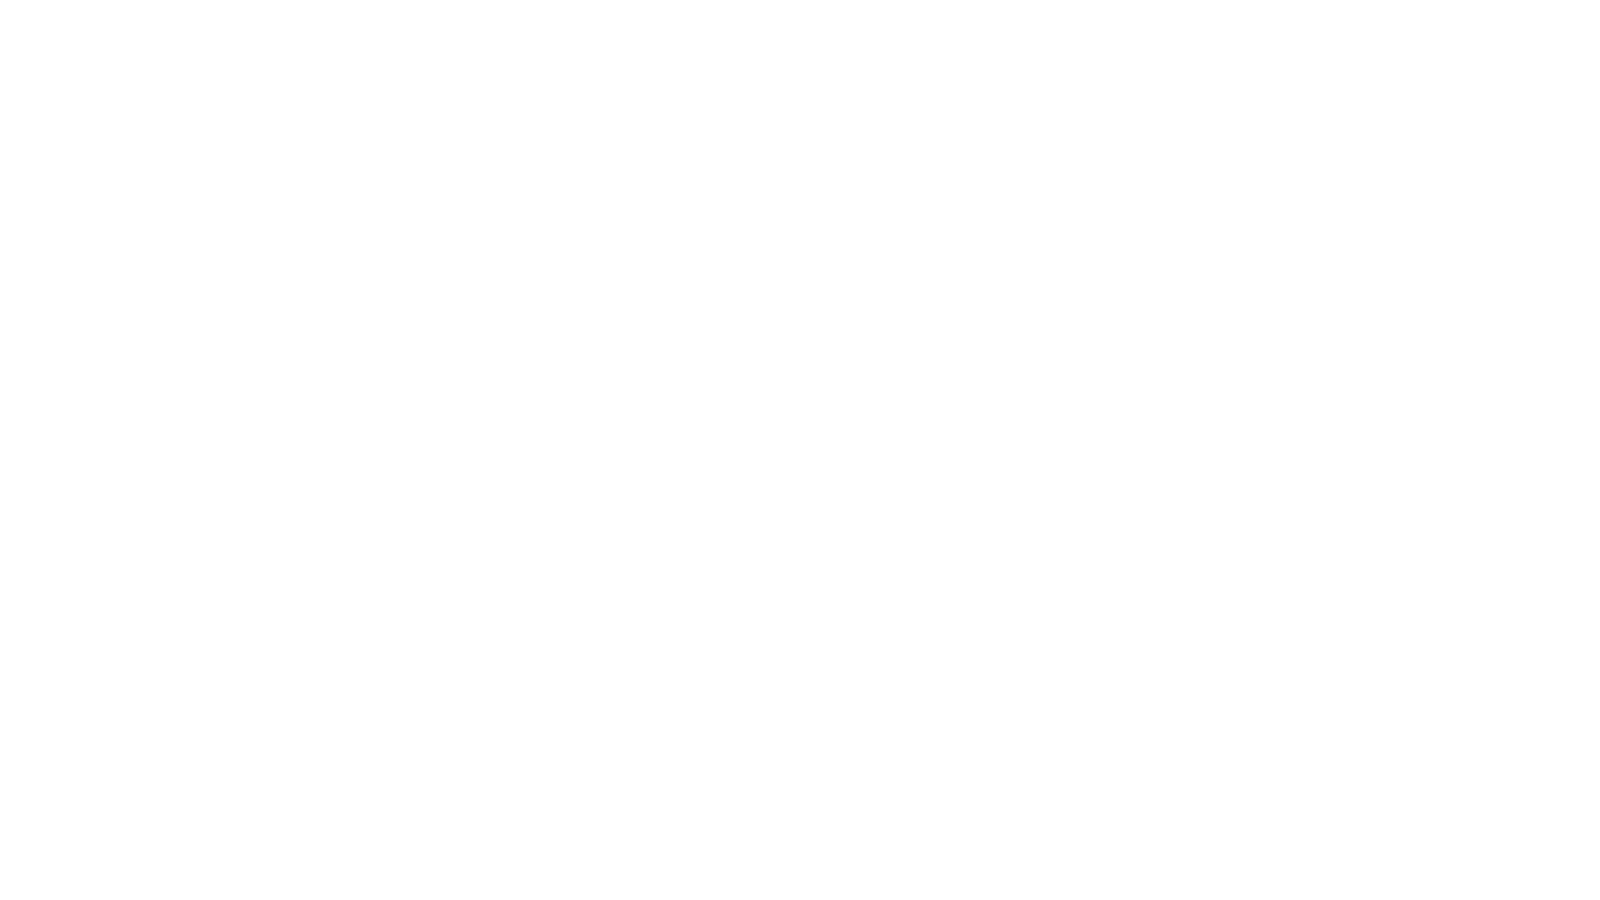 Klaus Jakobsen er gjest i Bent Johans hjørne. Utgangspunktet er Klaus sitt engasjement mot rasisme. De kommer etterhvert innpå integrering og hvorfor det er bra med innvandring.  Bent Johans hjørne spilles inn i biblioteket til Liberalerens redaktør, Bent Johan Mosfjell. Ulike gjester samtaler om emner som forhåpentligvis er av interesse for liberale mennesker. Husk å abonnere!